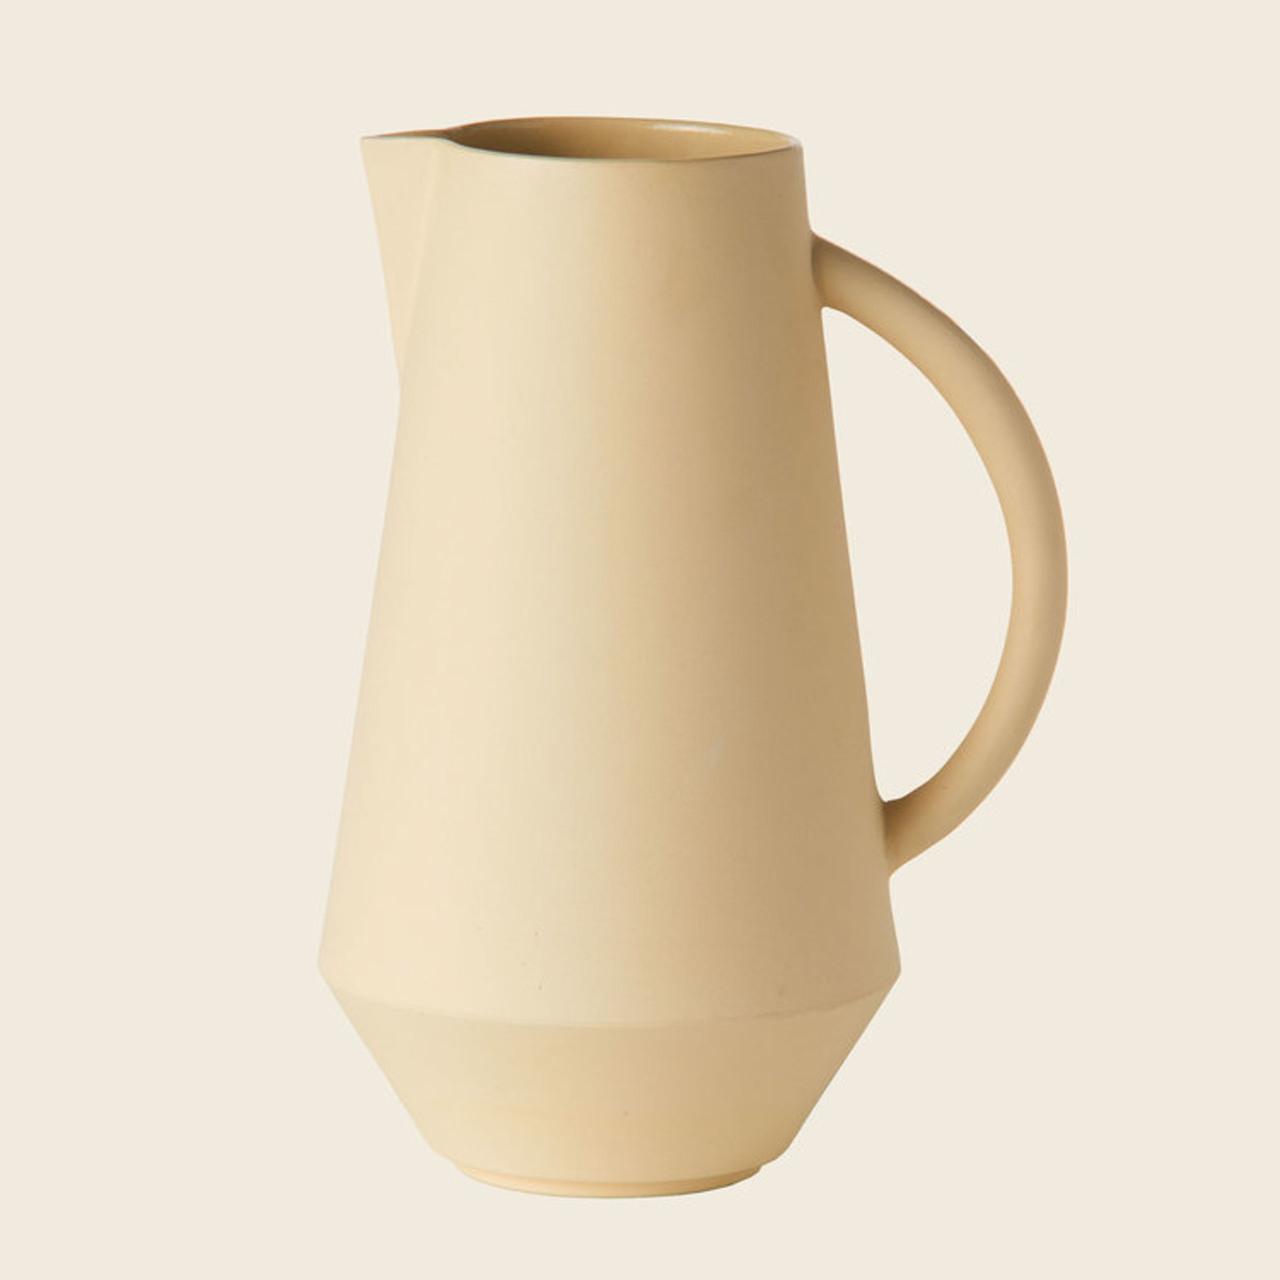 Schneid Karaffe Keramik, Gelb